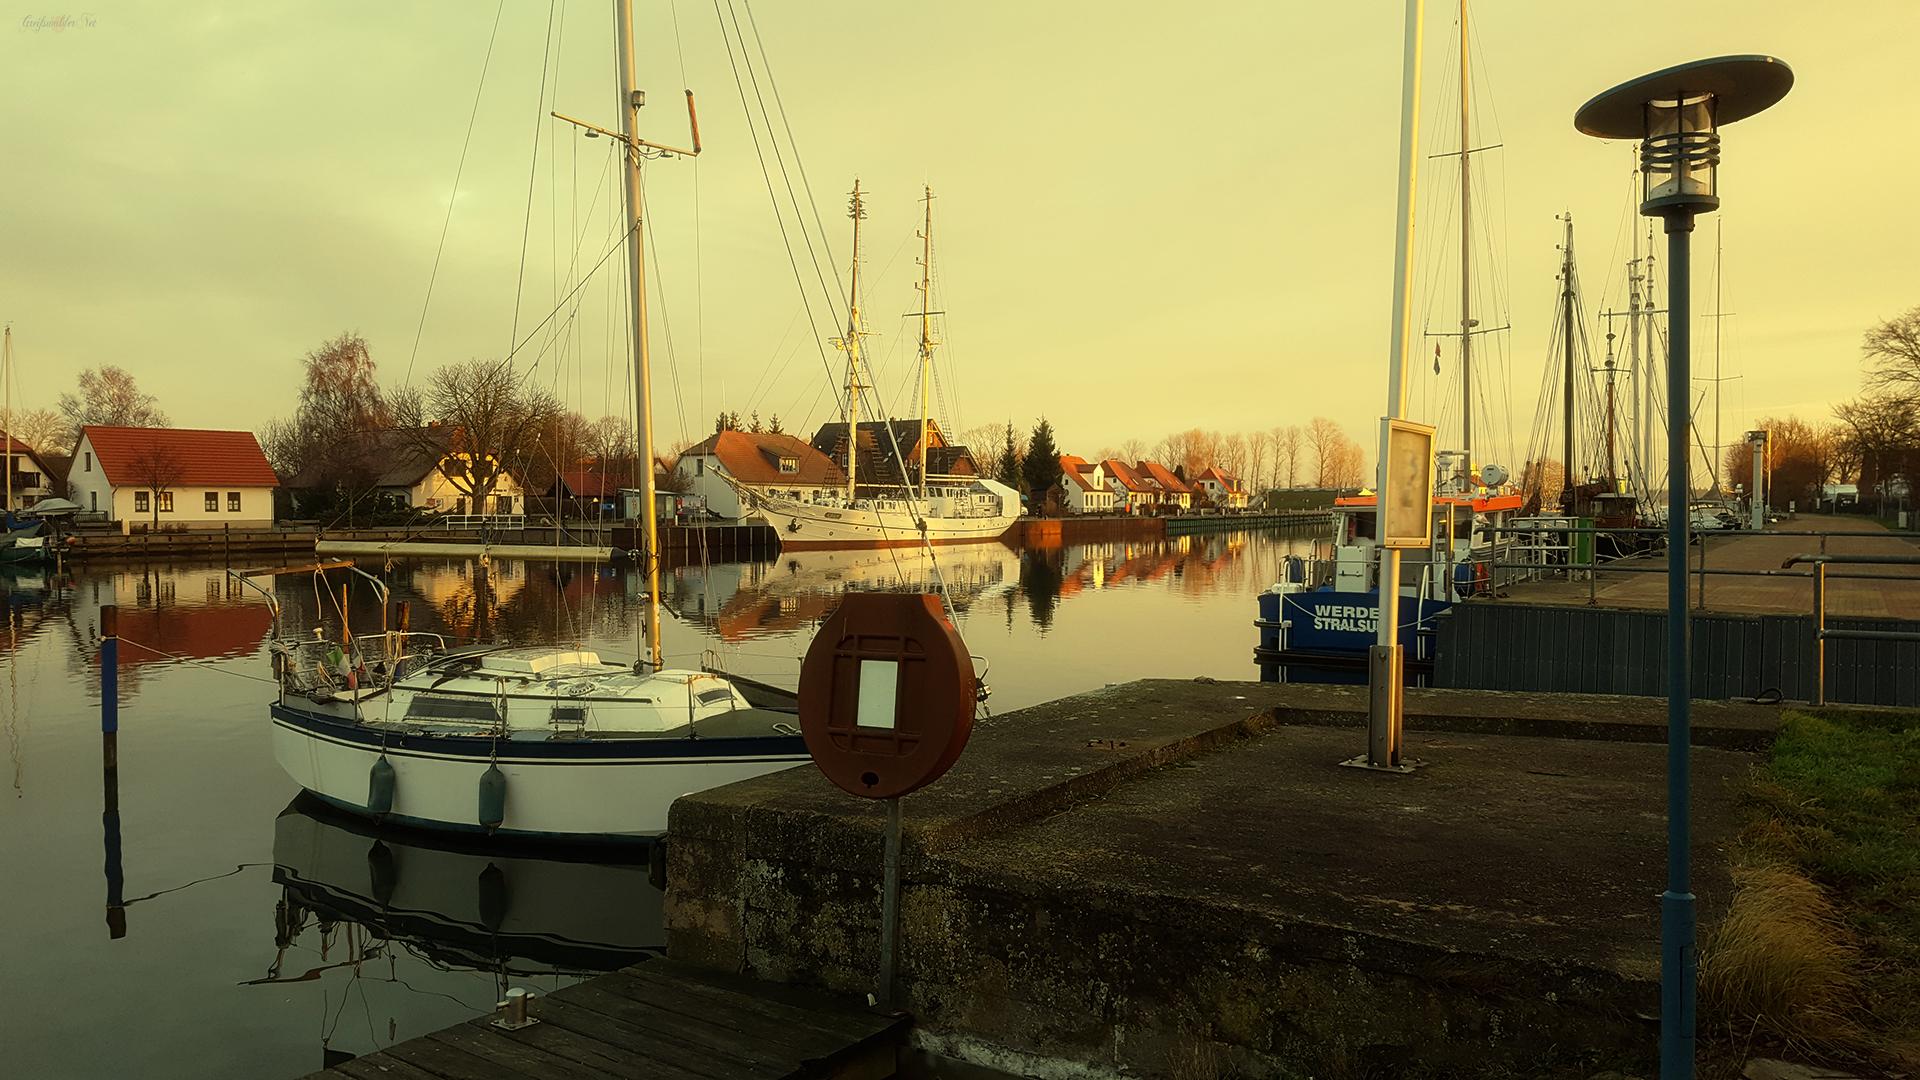 Silvestermorgen in Greifswald-Wieck